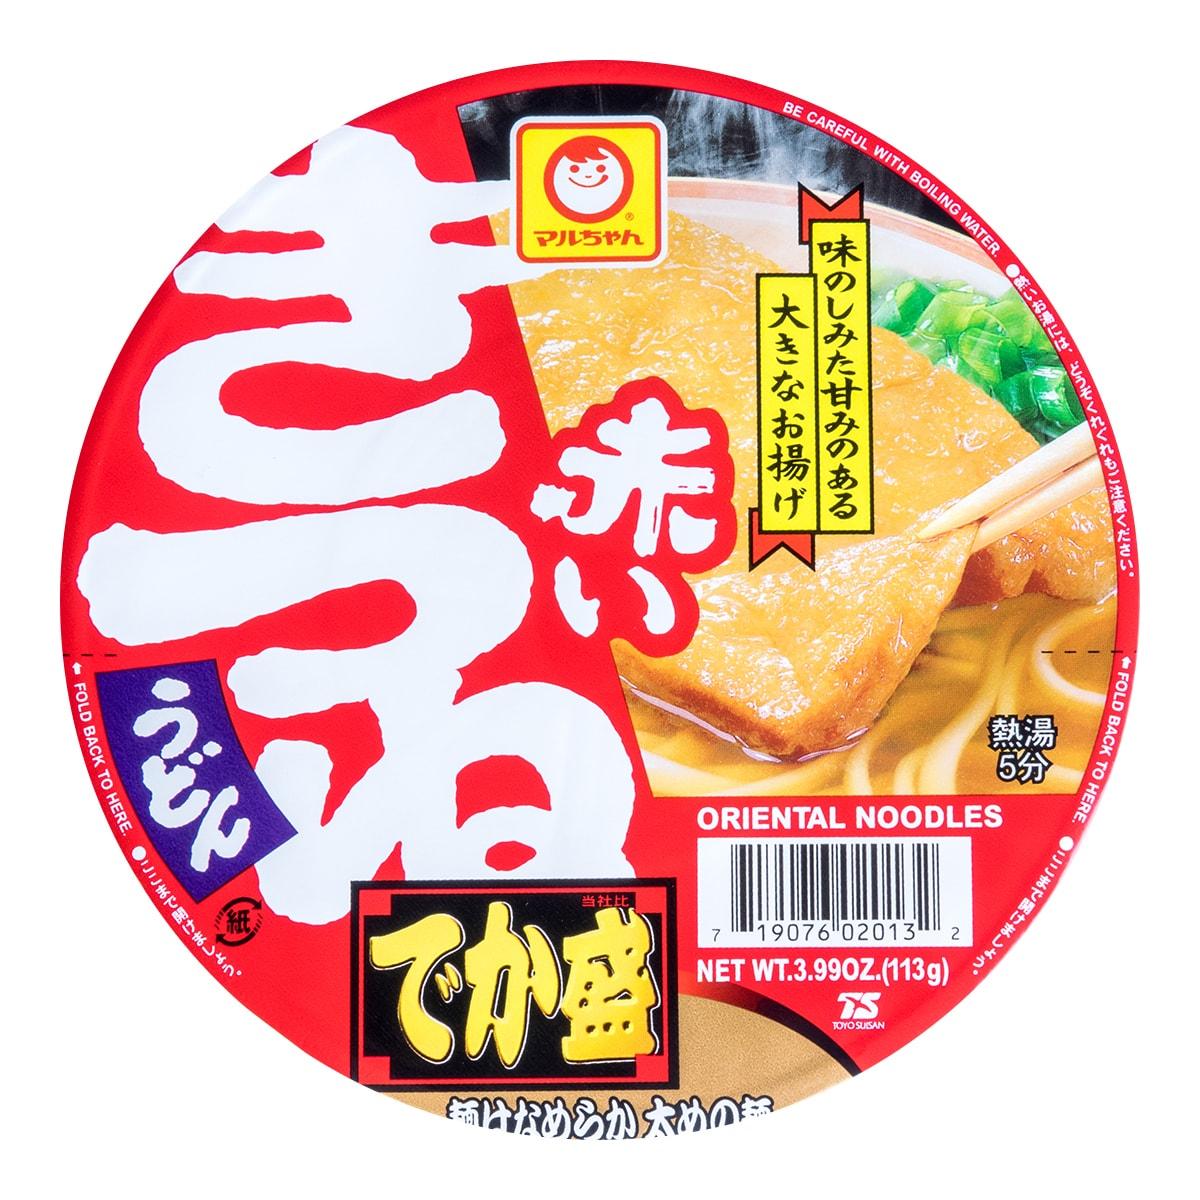 日本MARUCHAN 红油豆腐乌冬速食面 超大碗装 113g